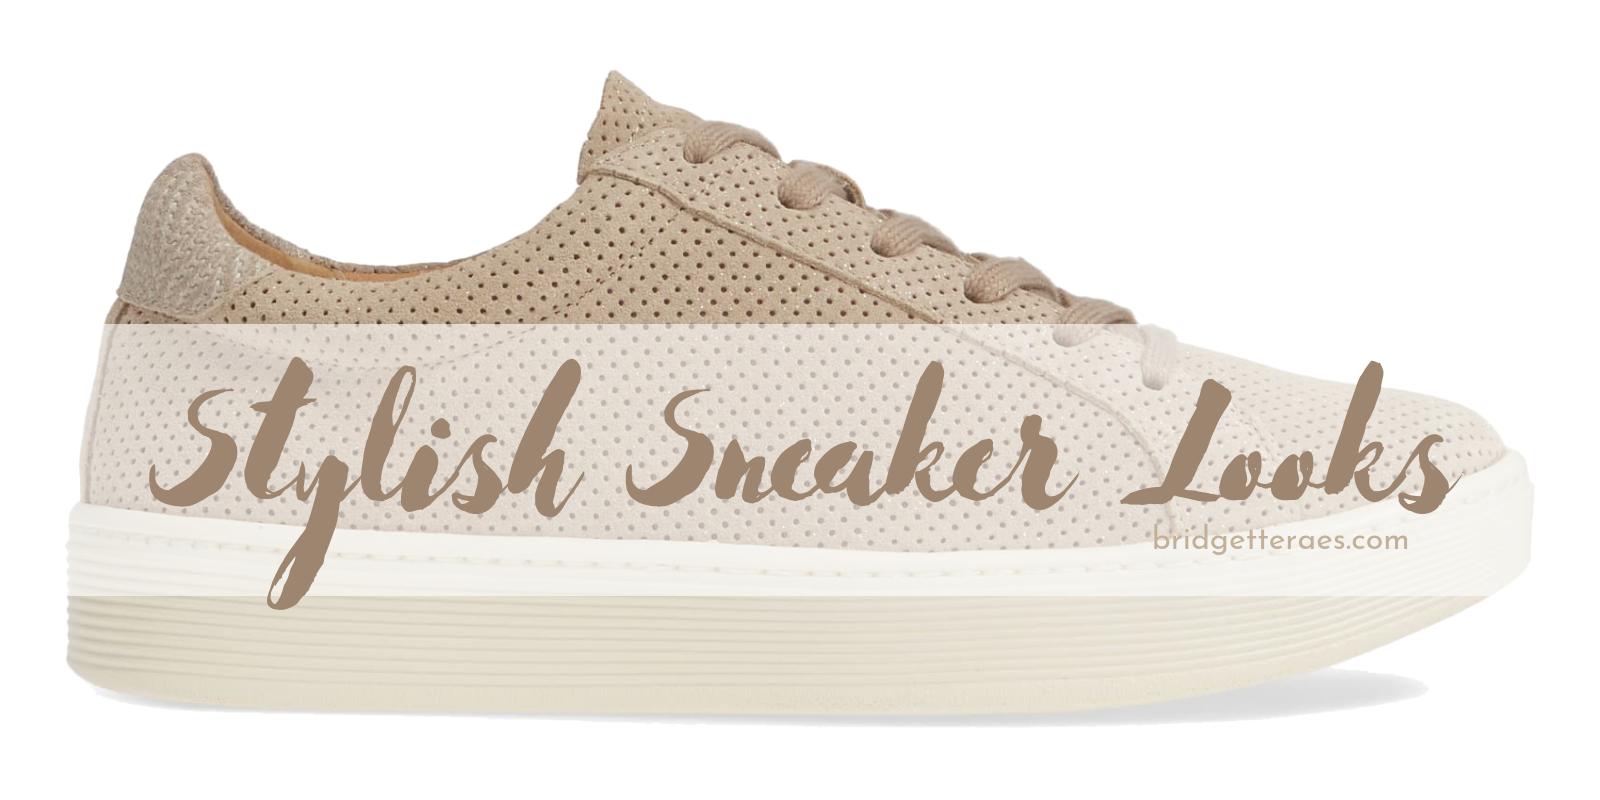 Stylish Sneaker Looks